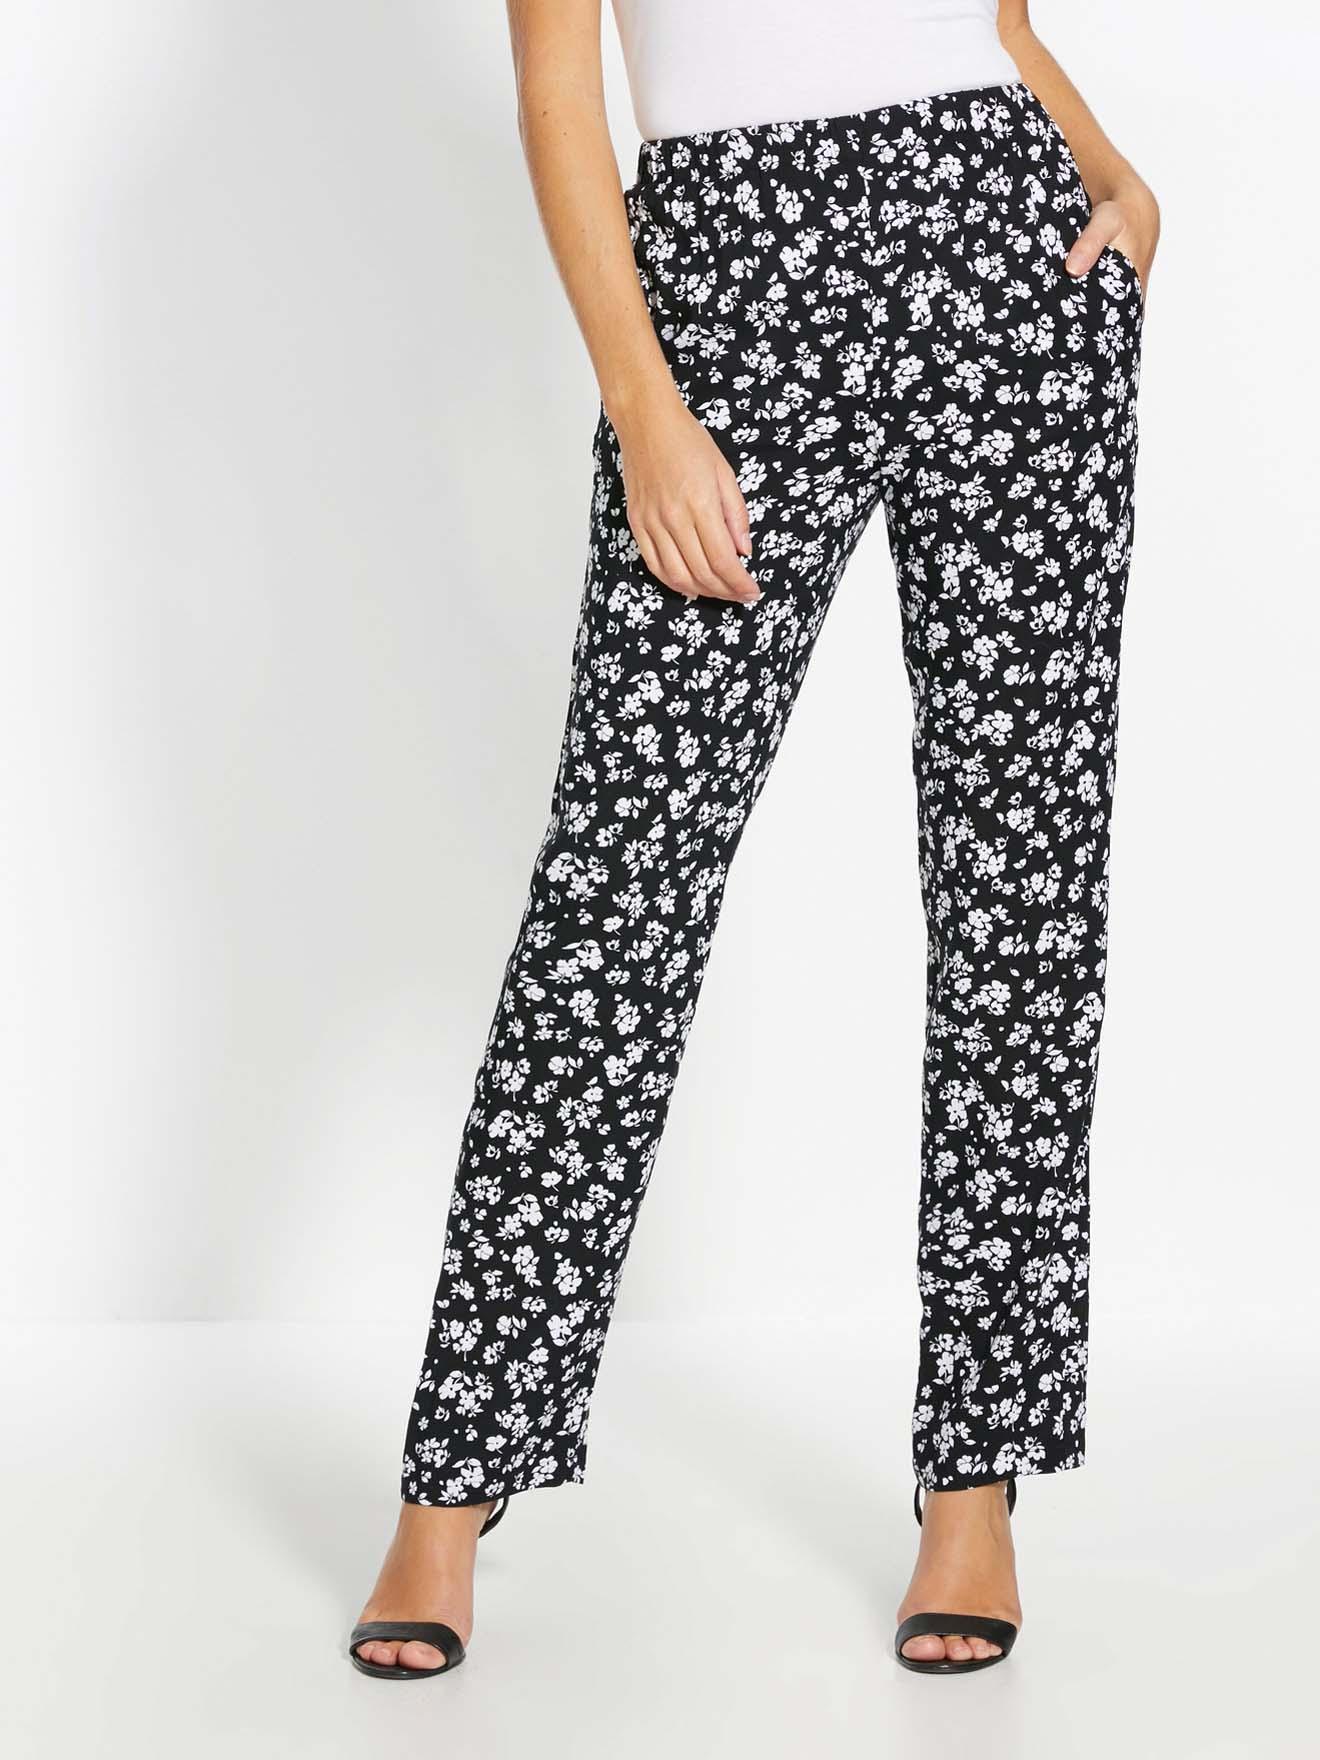 pantalon femme fluide